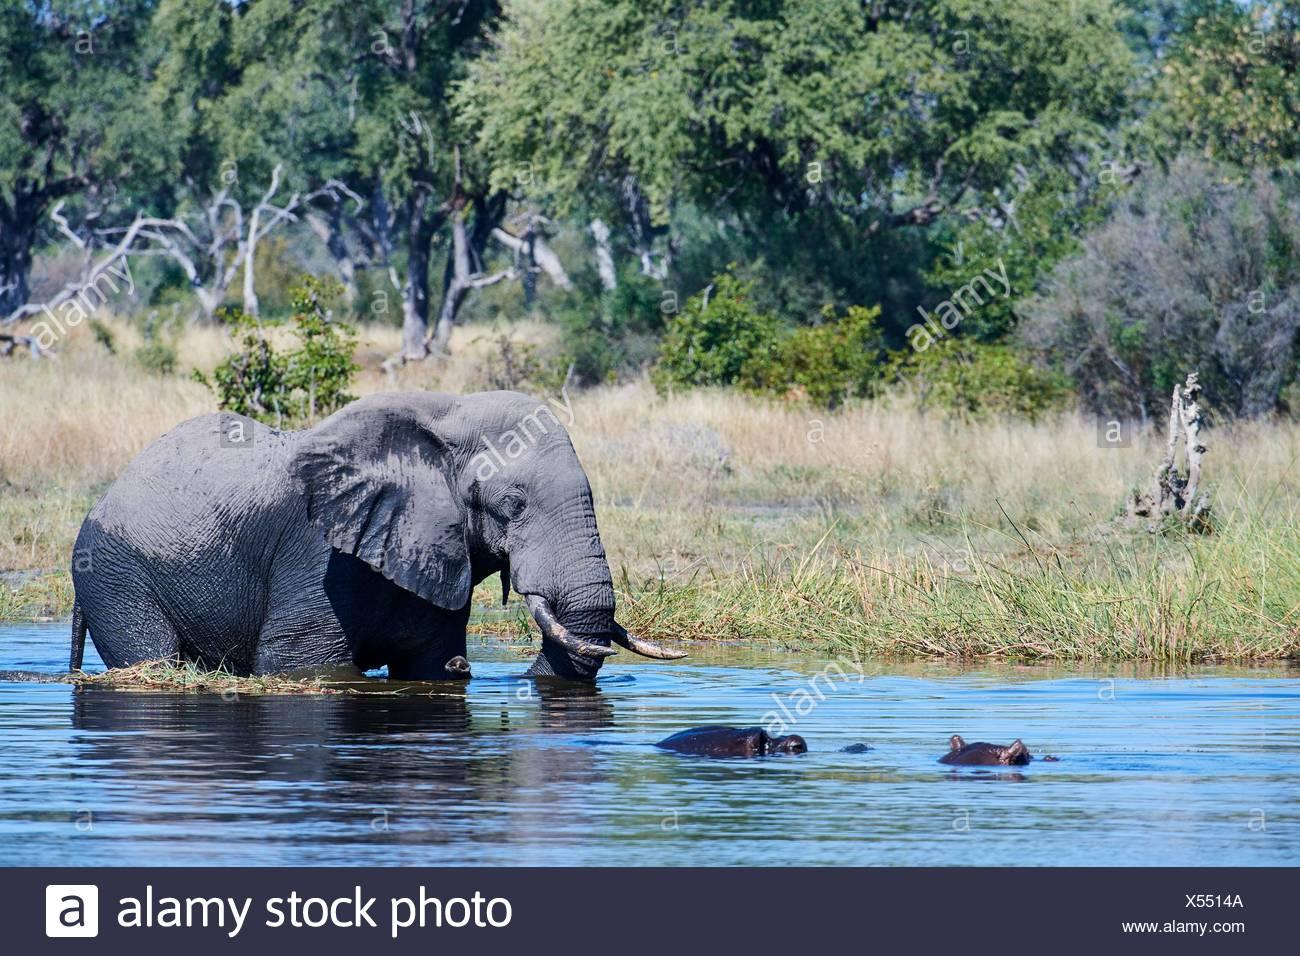 Bull d'éléphants d'Afrique (Loxodonta africana) traversée de la rivière Khwai en face de l'Hippopotame (Hippopotamus amphibius), Khwai River Game Reserve, Banque D'Images